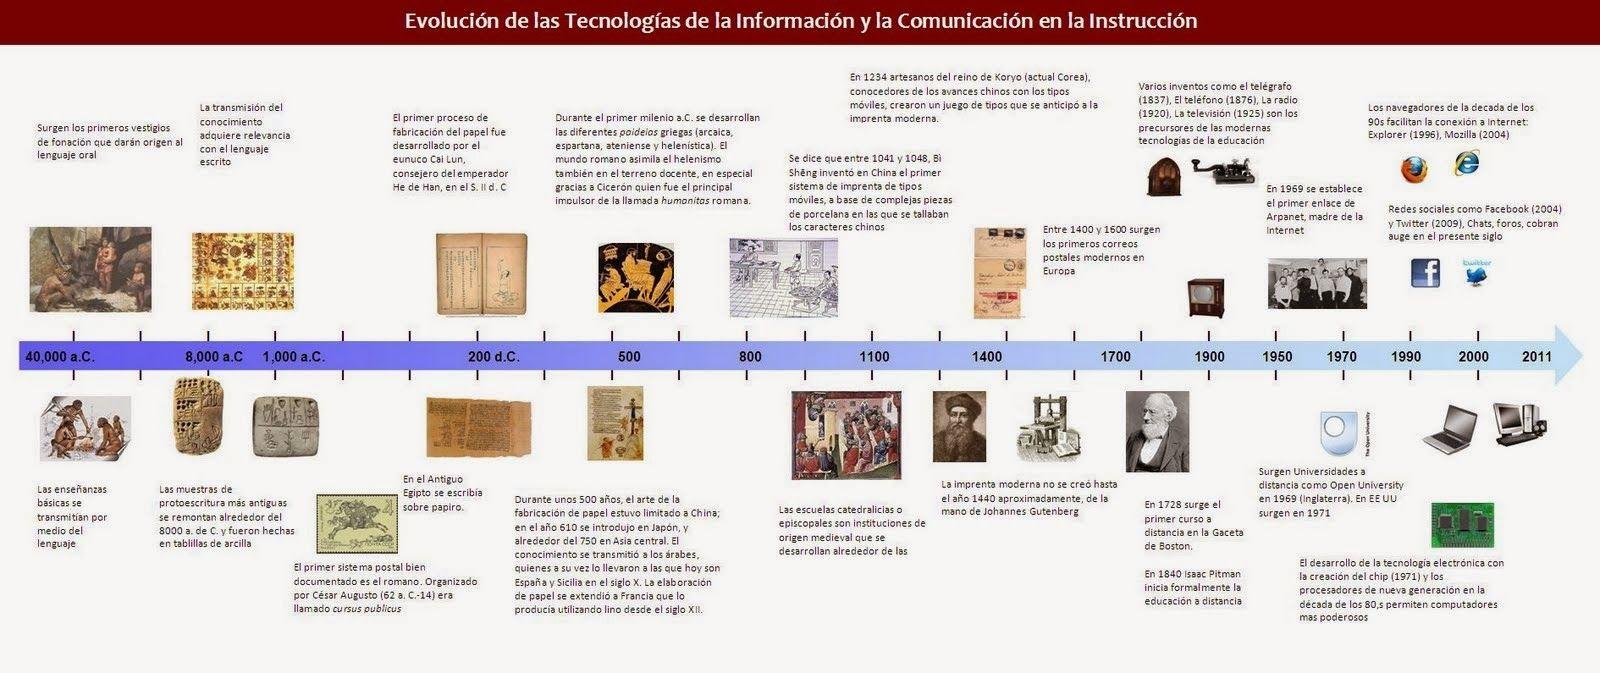 Linea Del Tiempo Historia De La Literatura Universal Buscar Con Google Linea Del Tiempo Historia Linea Del Tiempo Historia De La Literatura